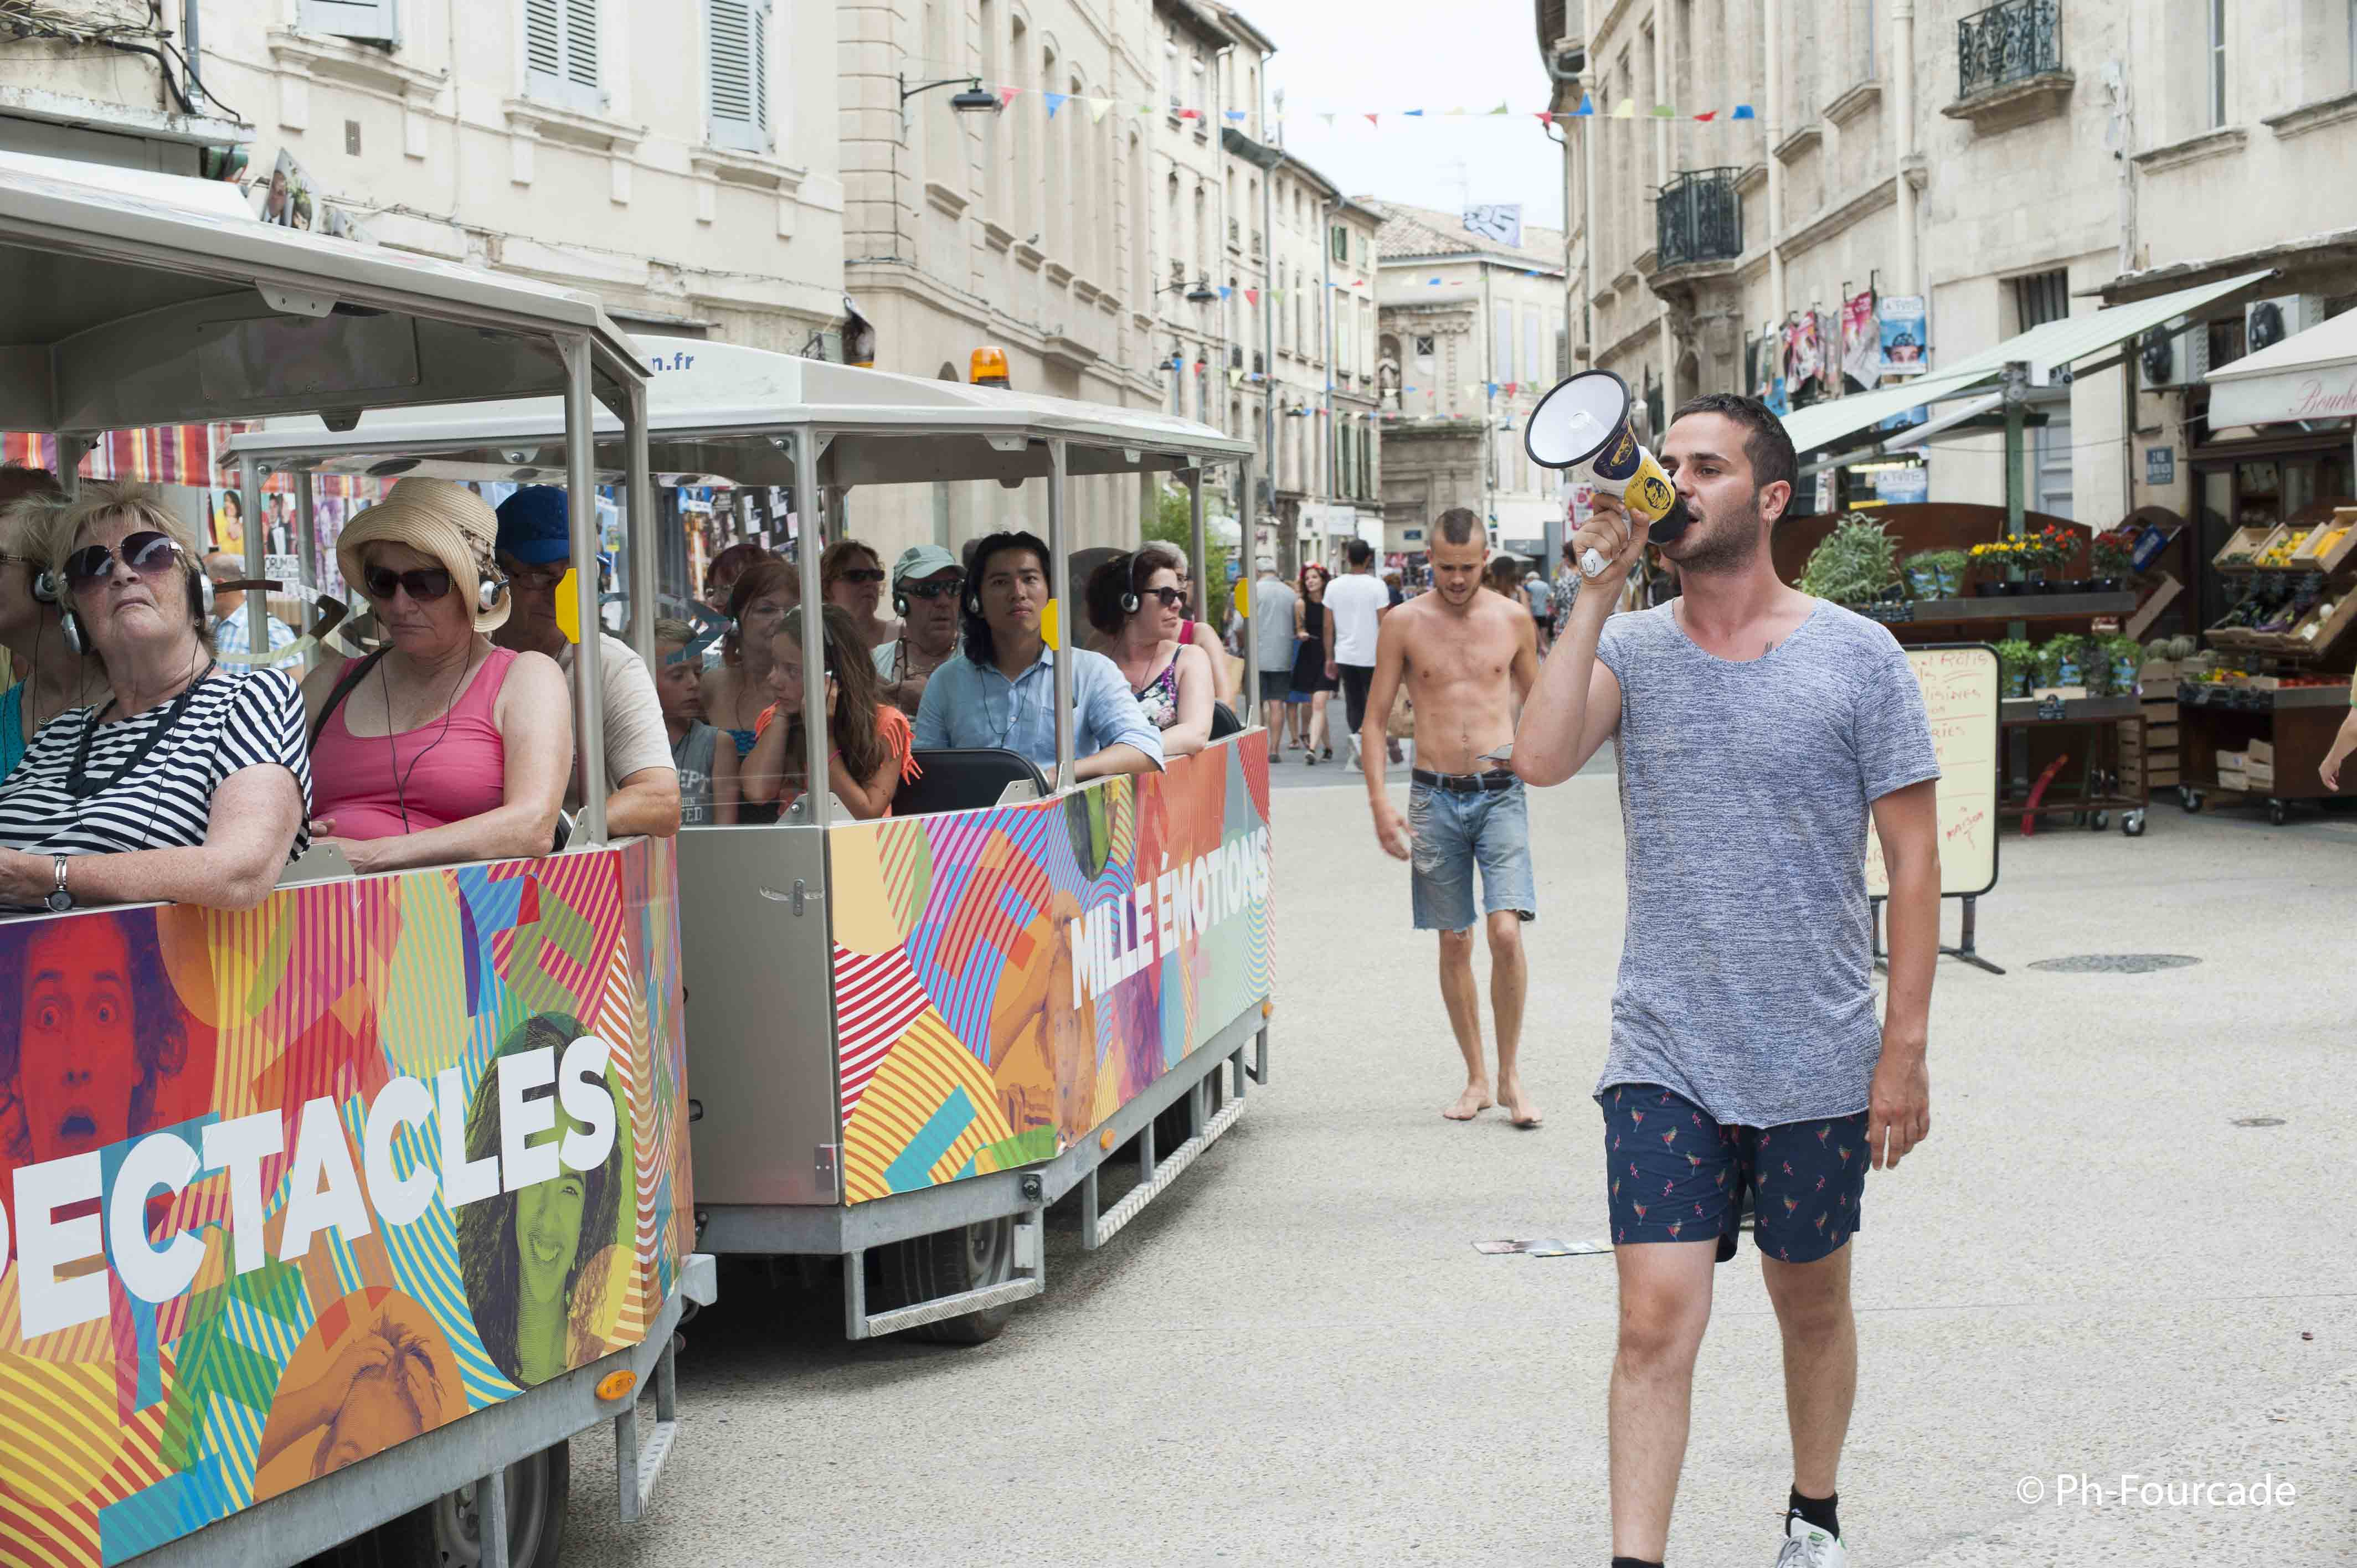 Festival off avignon 2017 philippe fourcade - Avignon off 2017 programme ...